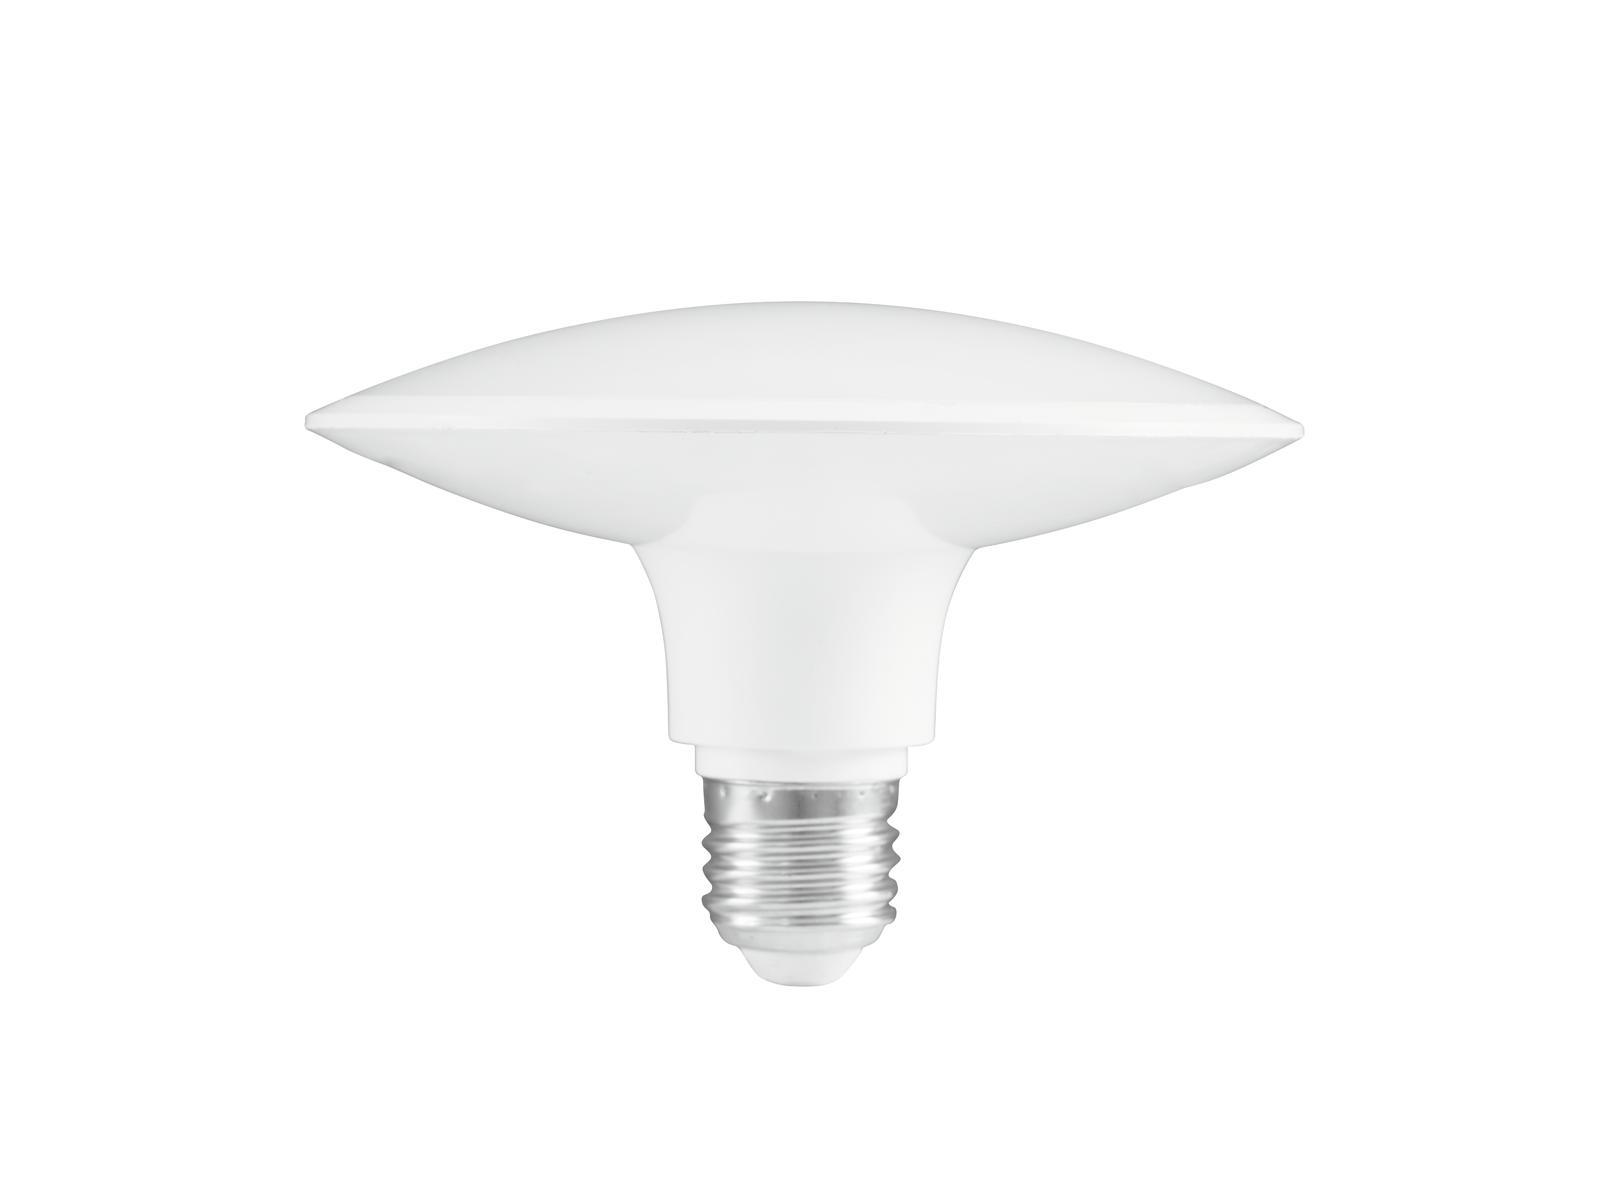 LED PAR-46 230V E-27 11W 6400K Omnilux